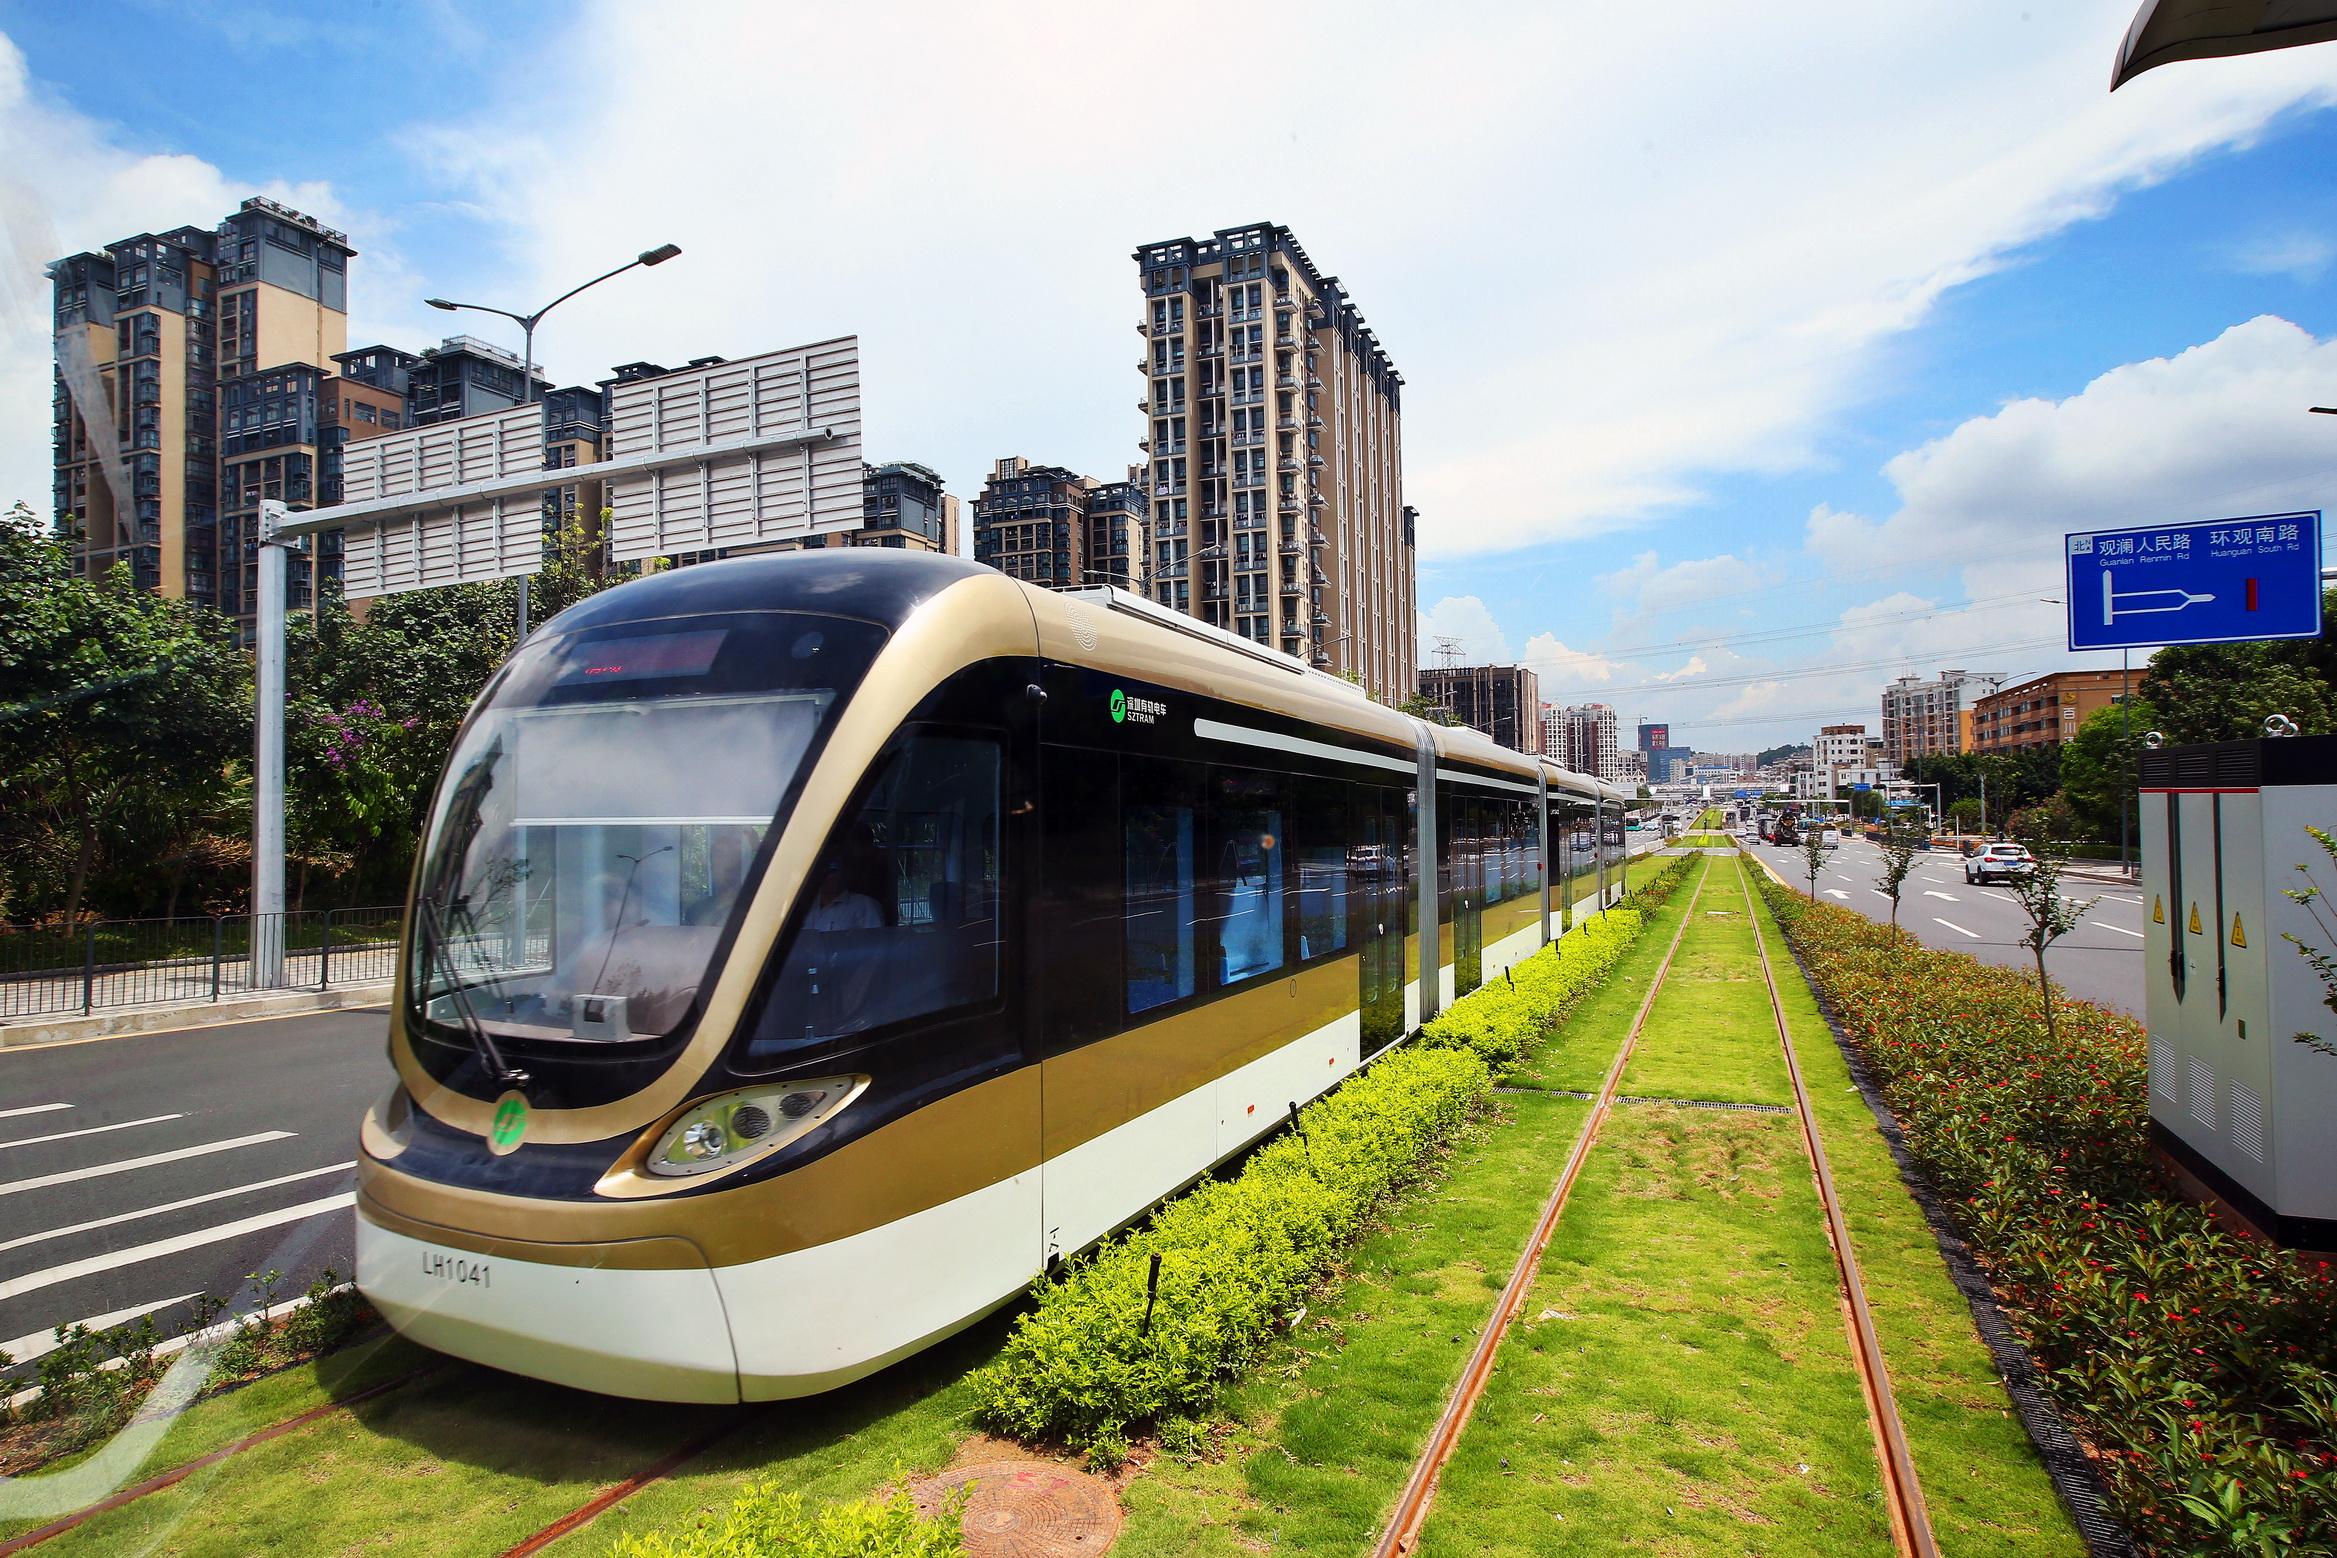 龙华区建筑工务署:高效高质推进基础设施建设,为群众提供有品质的城市服务